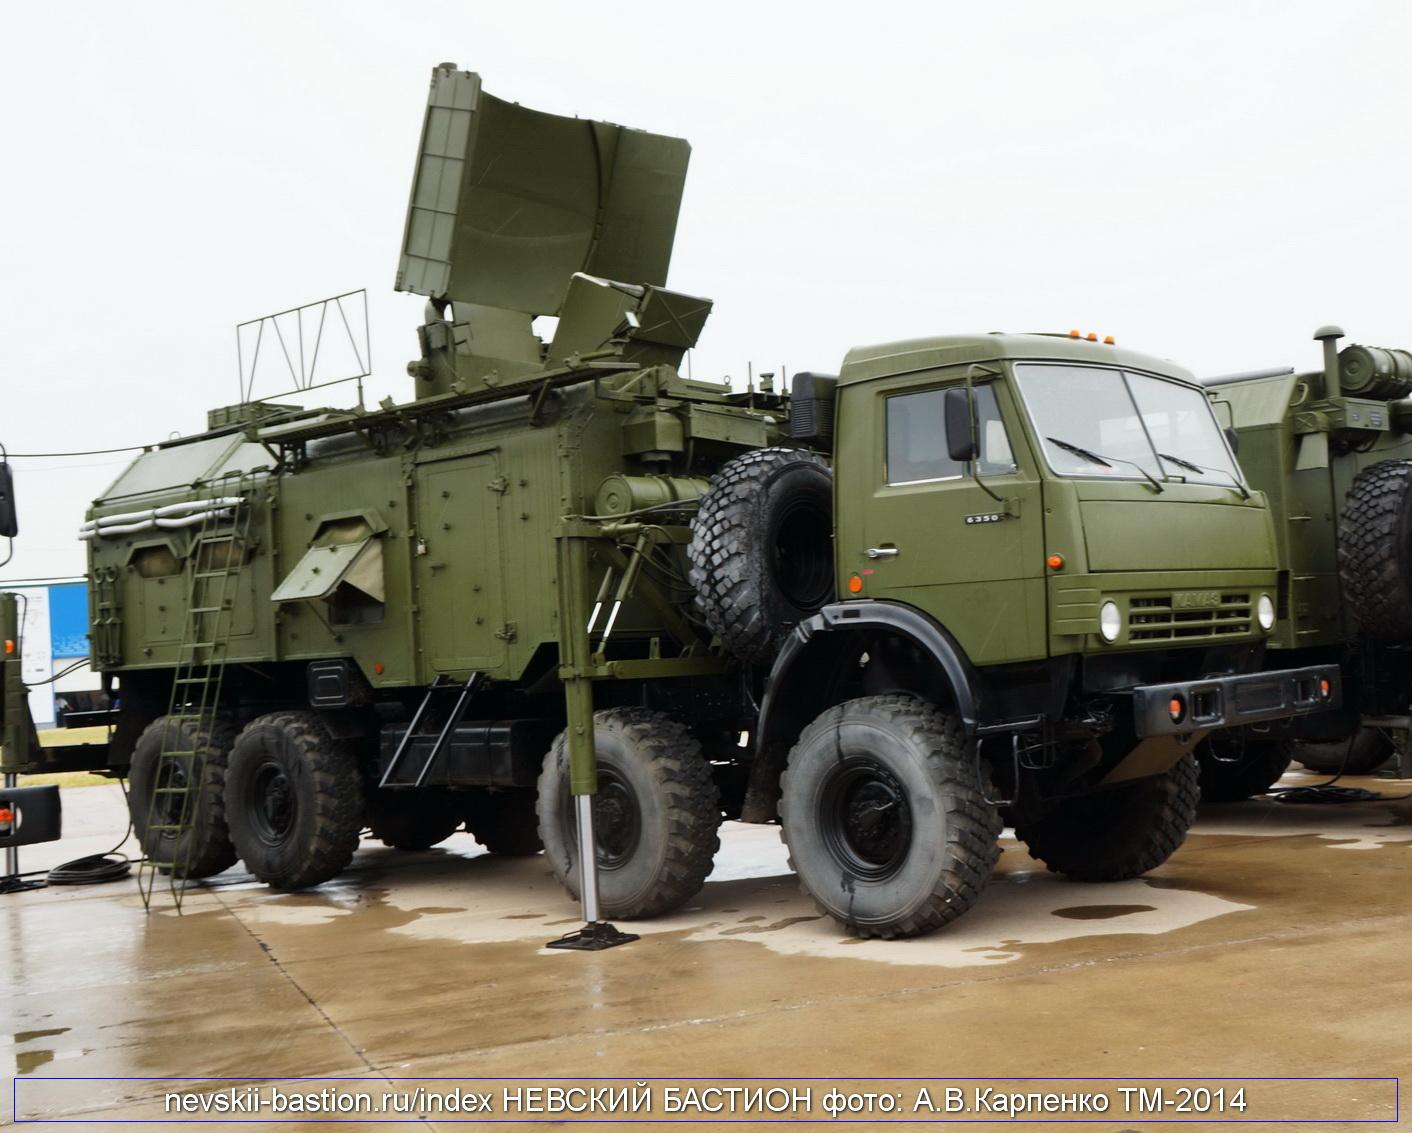 MOSKVA-1 (3).jpg